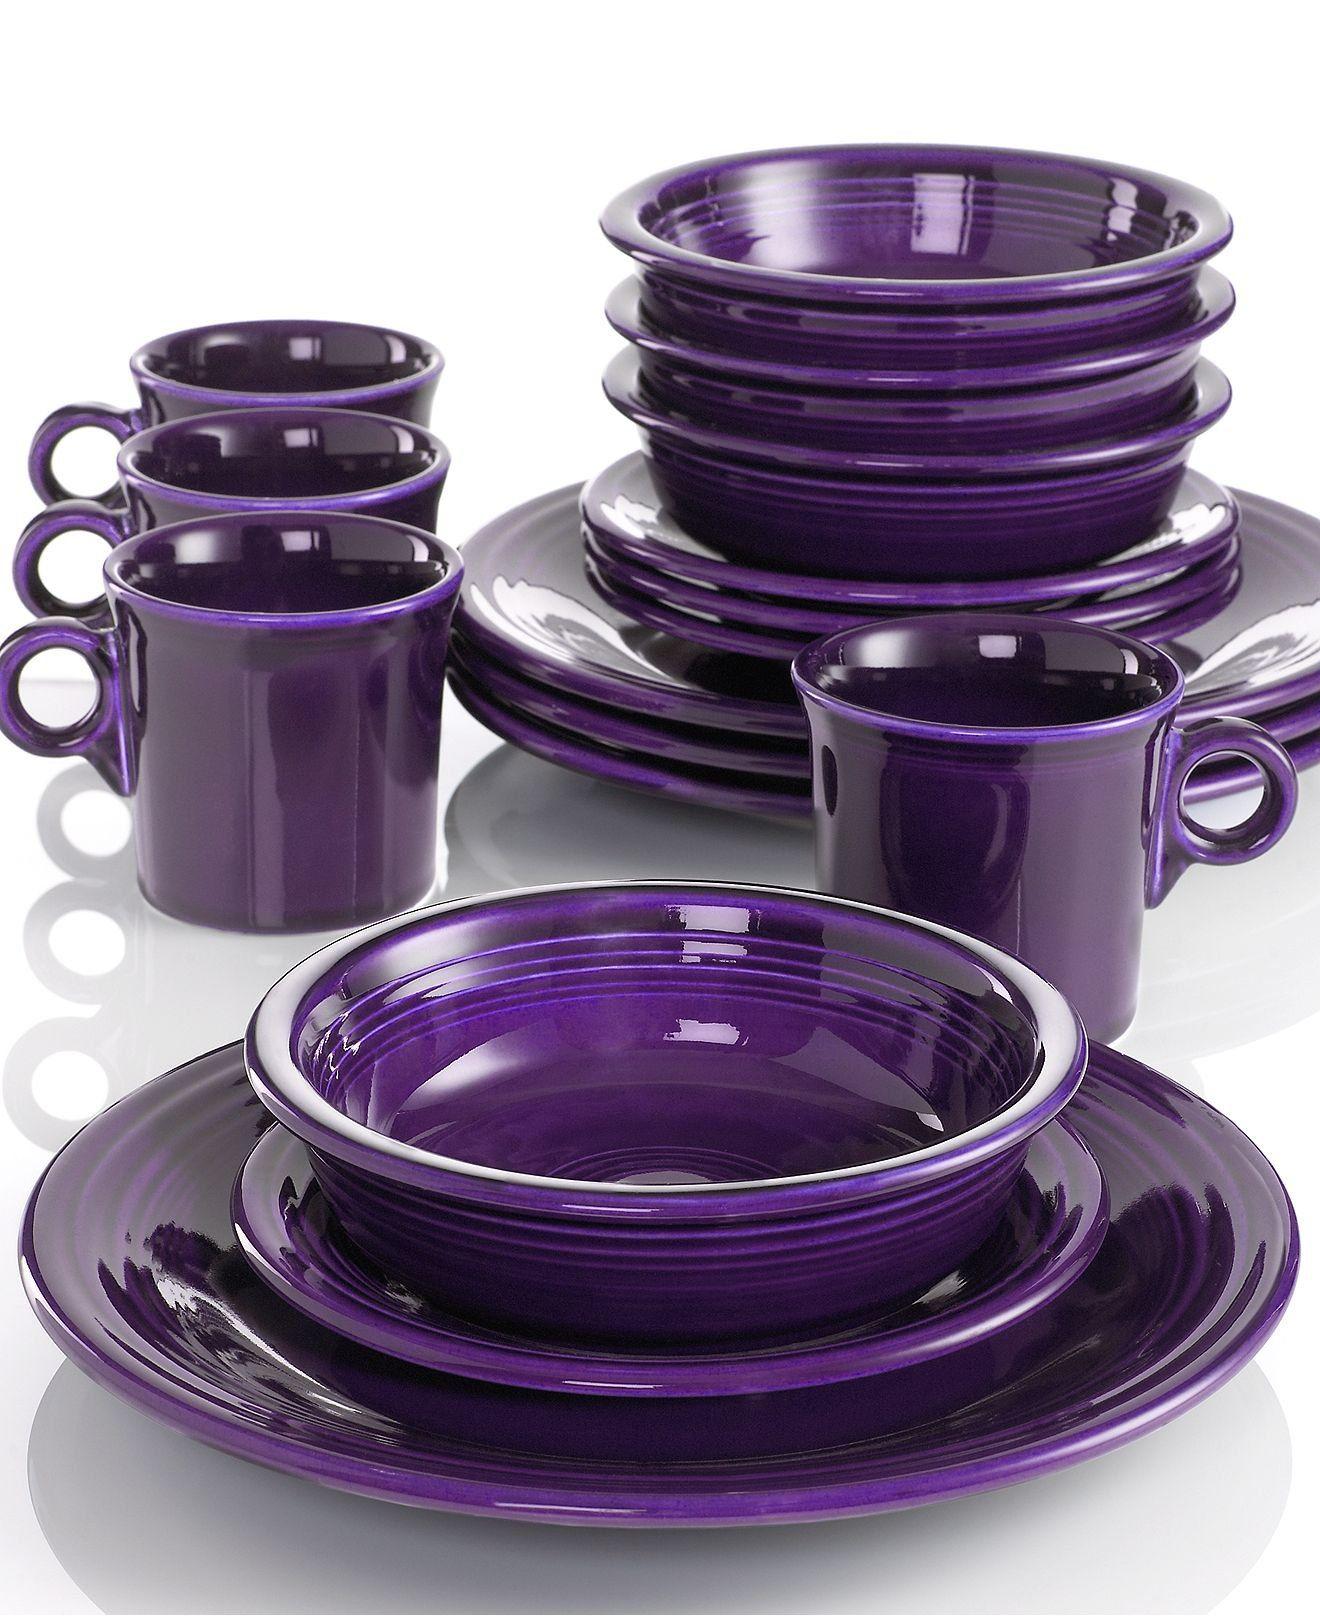 Fiesta Dinnerware plate setting in Plum | Wanelo | Fiesta ...